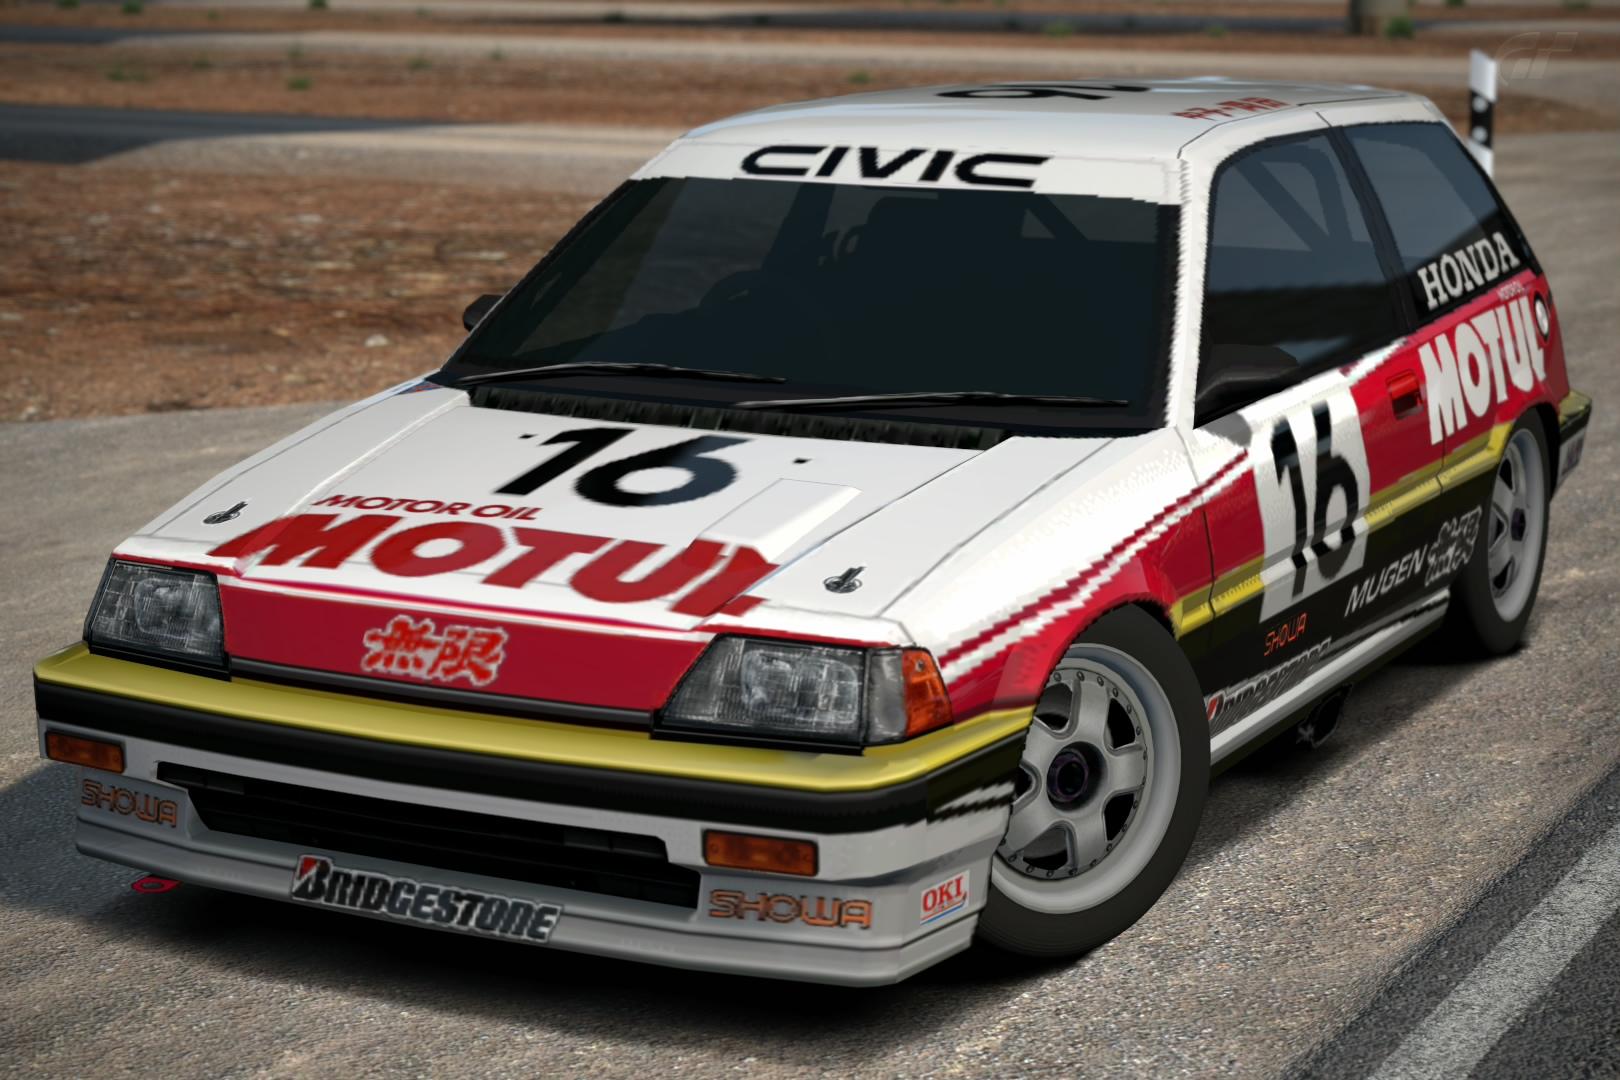 Honda Mugen Motul Civic Si Race Car 87 Gran Turismo Wiki Fandom